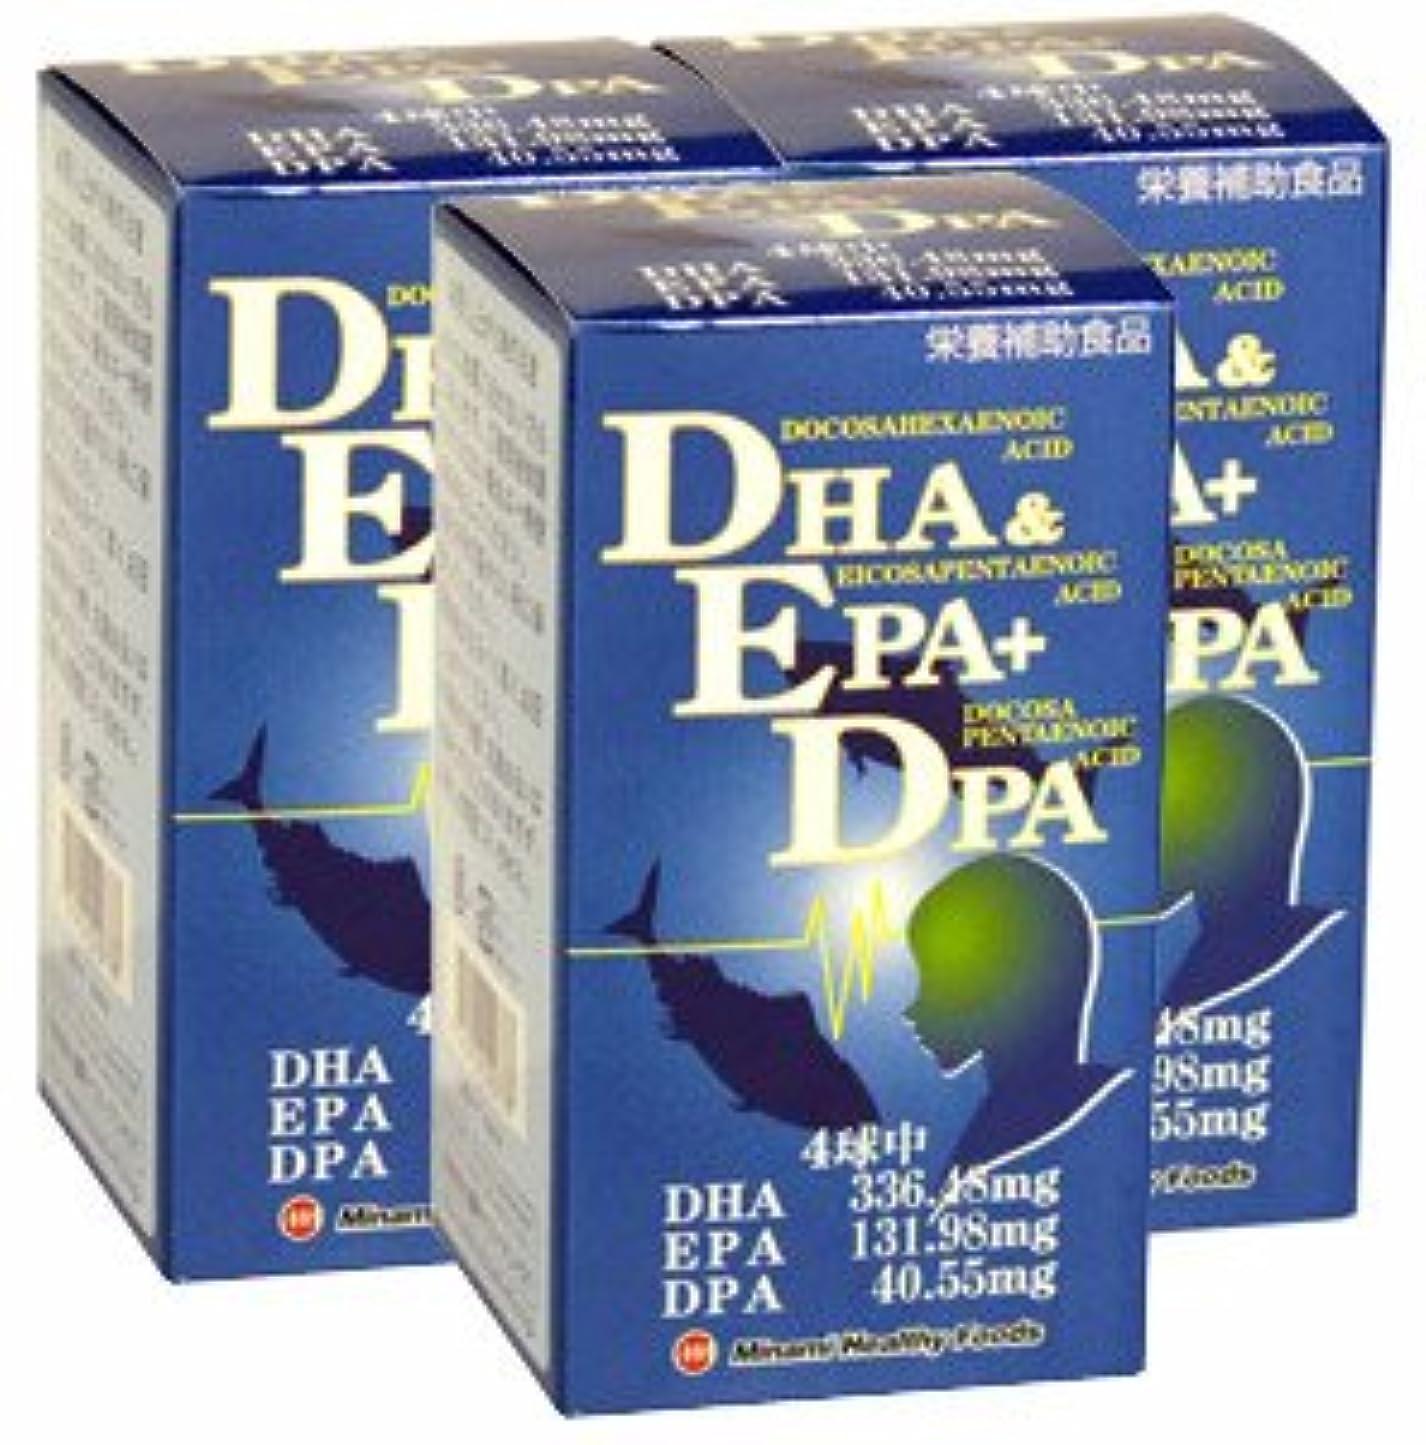 意識オーチャード遠近法DHA&EPA+DPA【3本セット】ミナミヘルシーフーズ